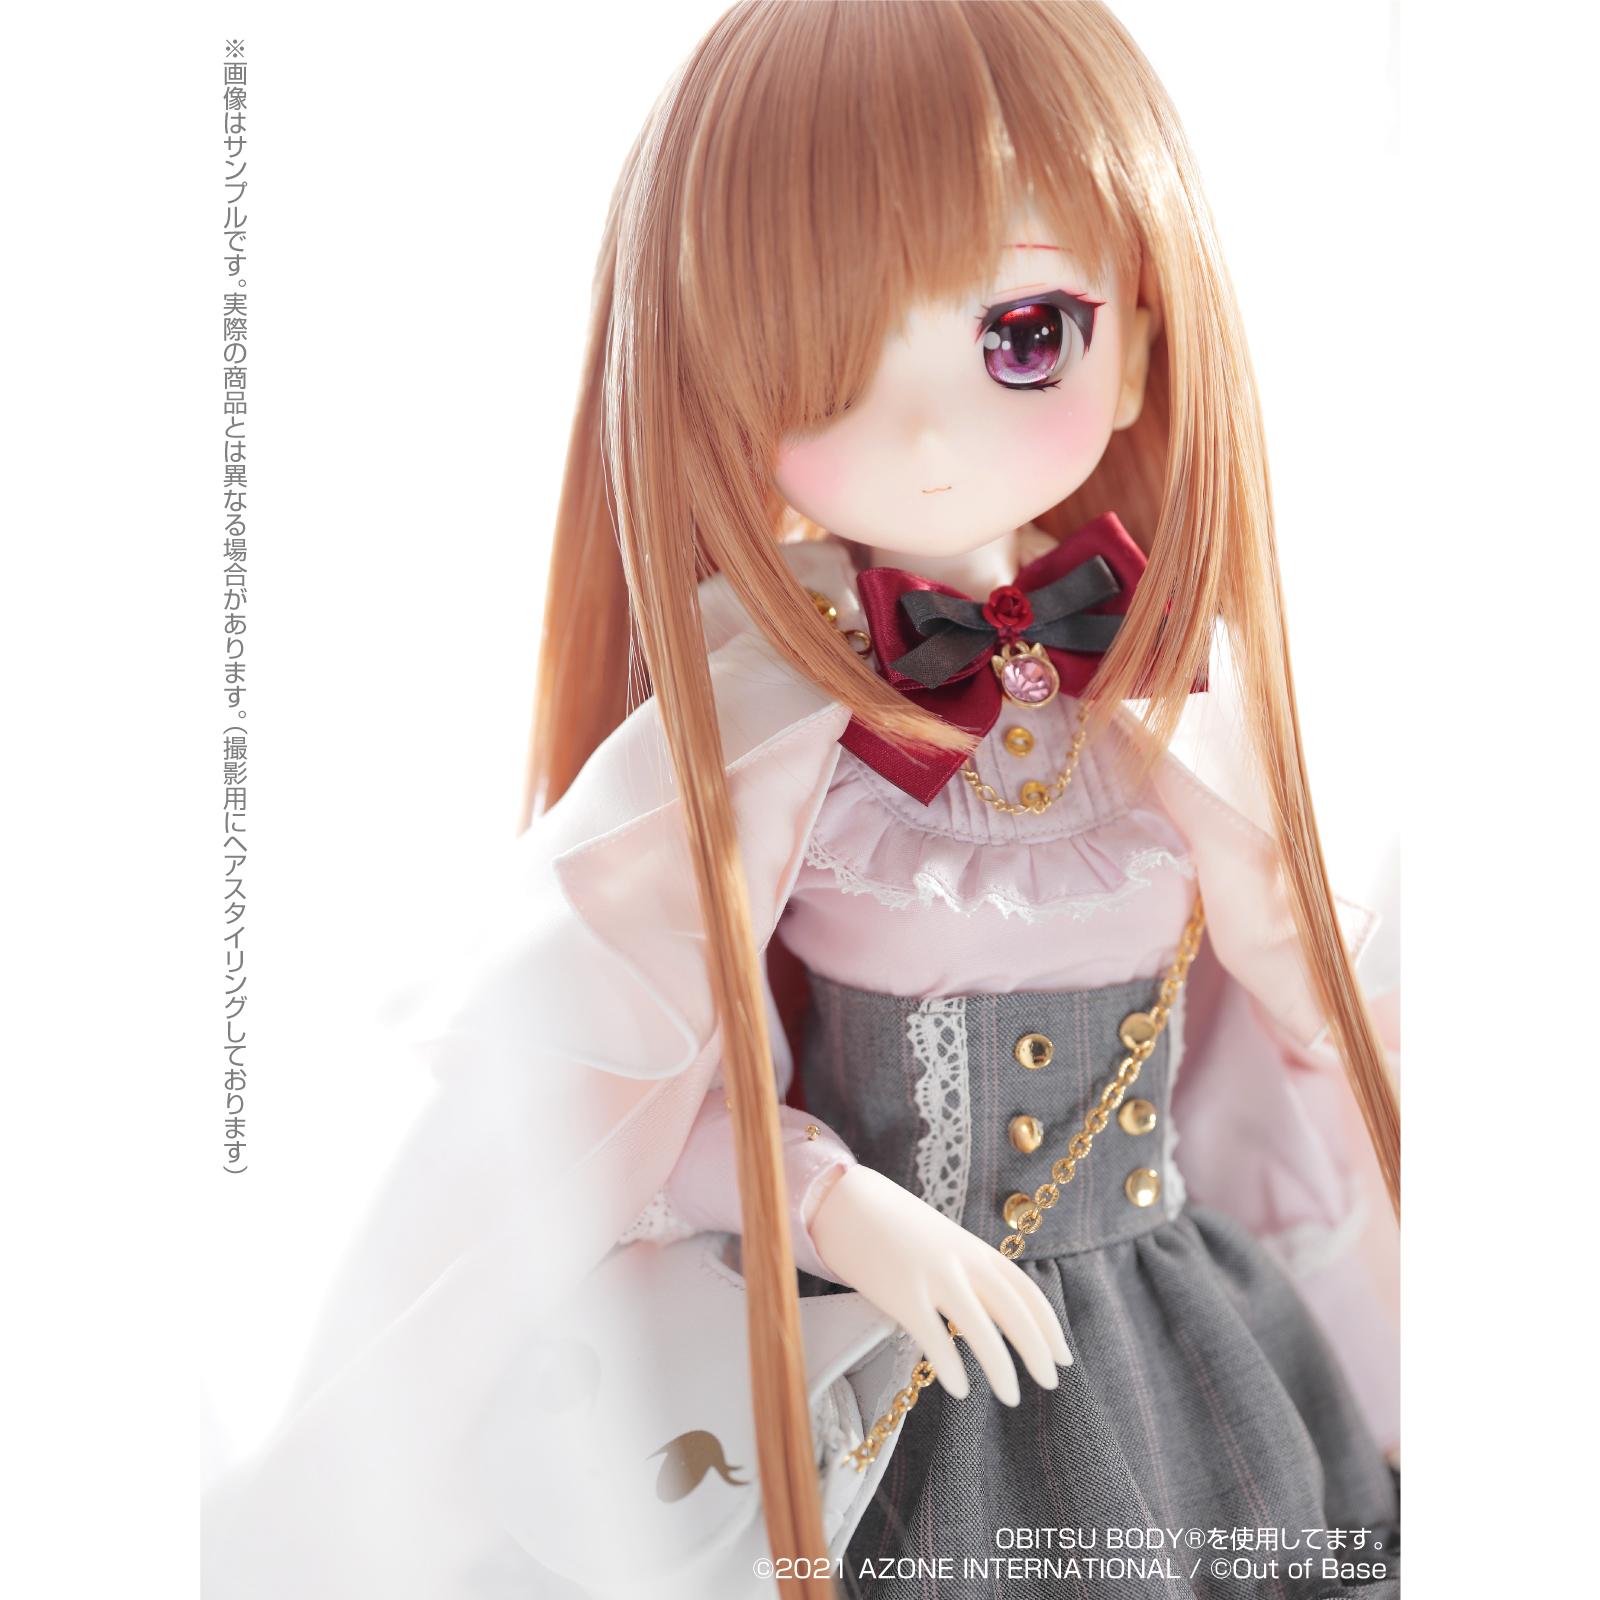 Iris Collect petit『すずね/~Wonder fraulein~Goth×Loli cats(通常販売ver.)』アイリスコレクト プチ 1/3 完成品ドール-013